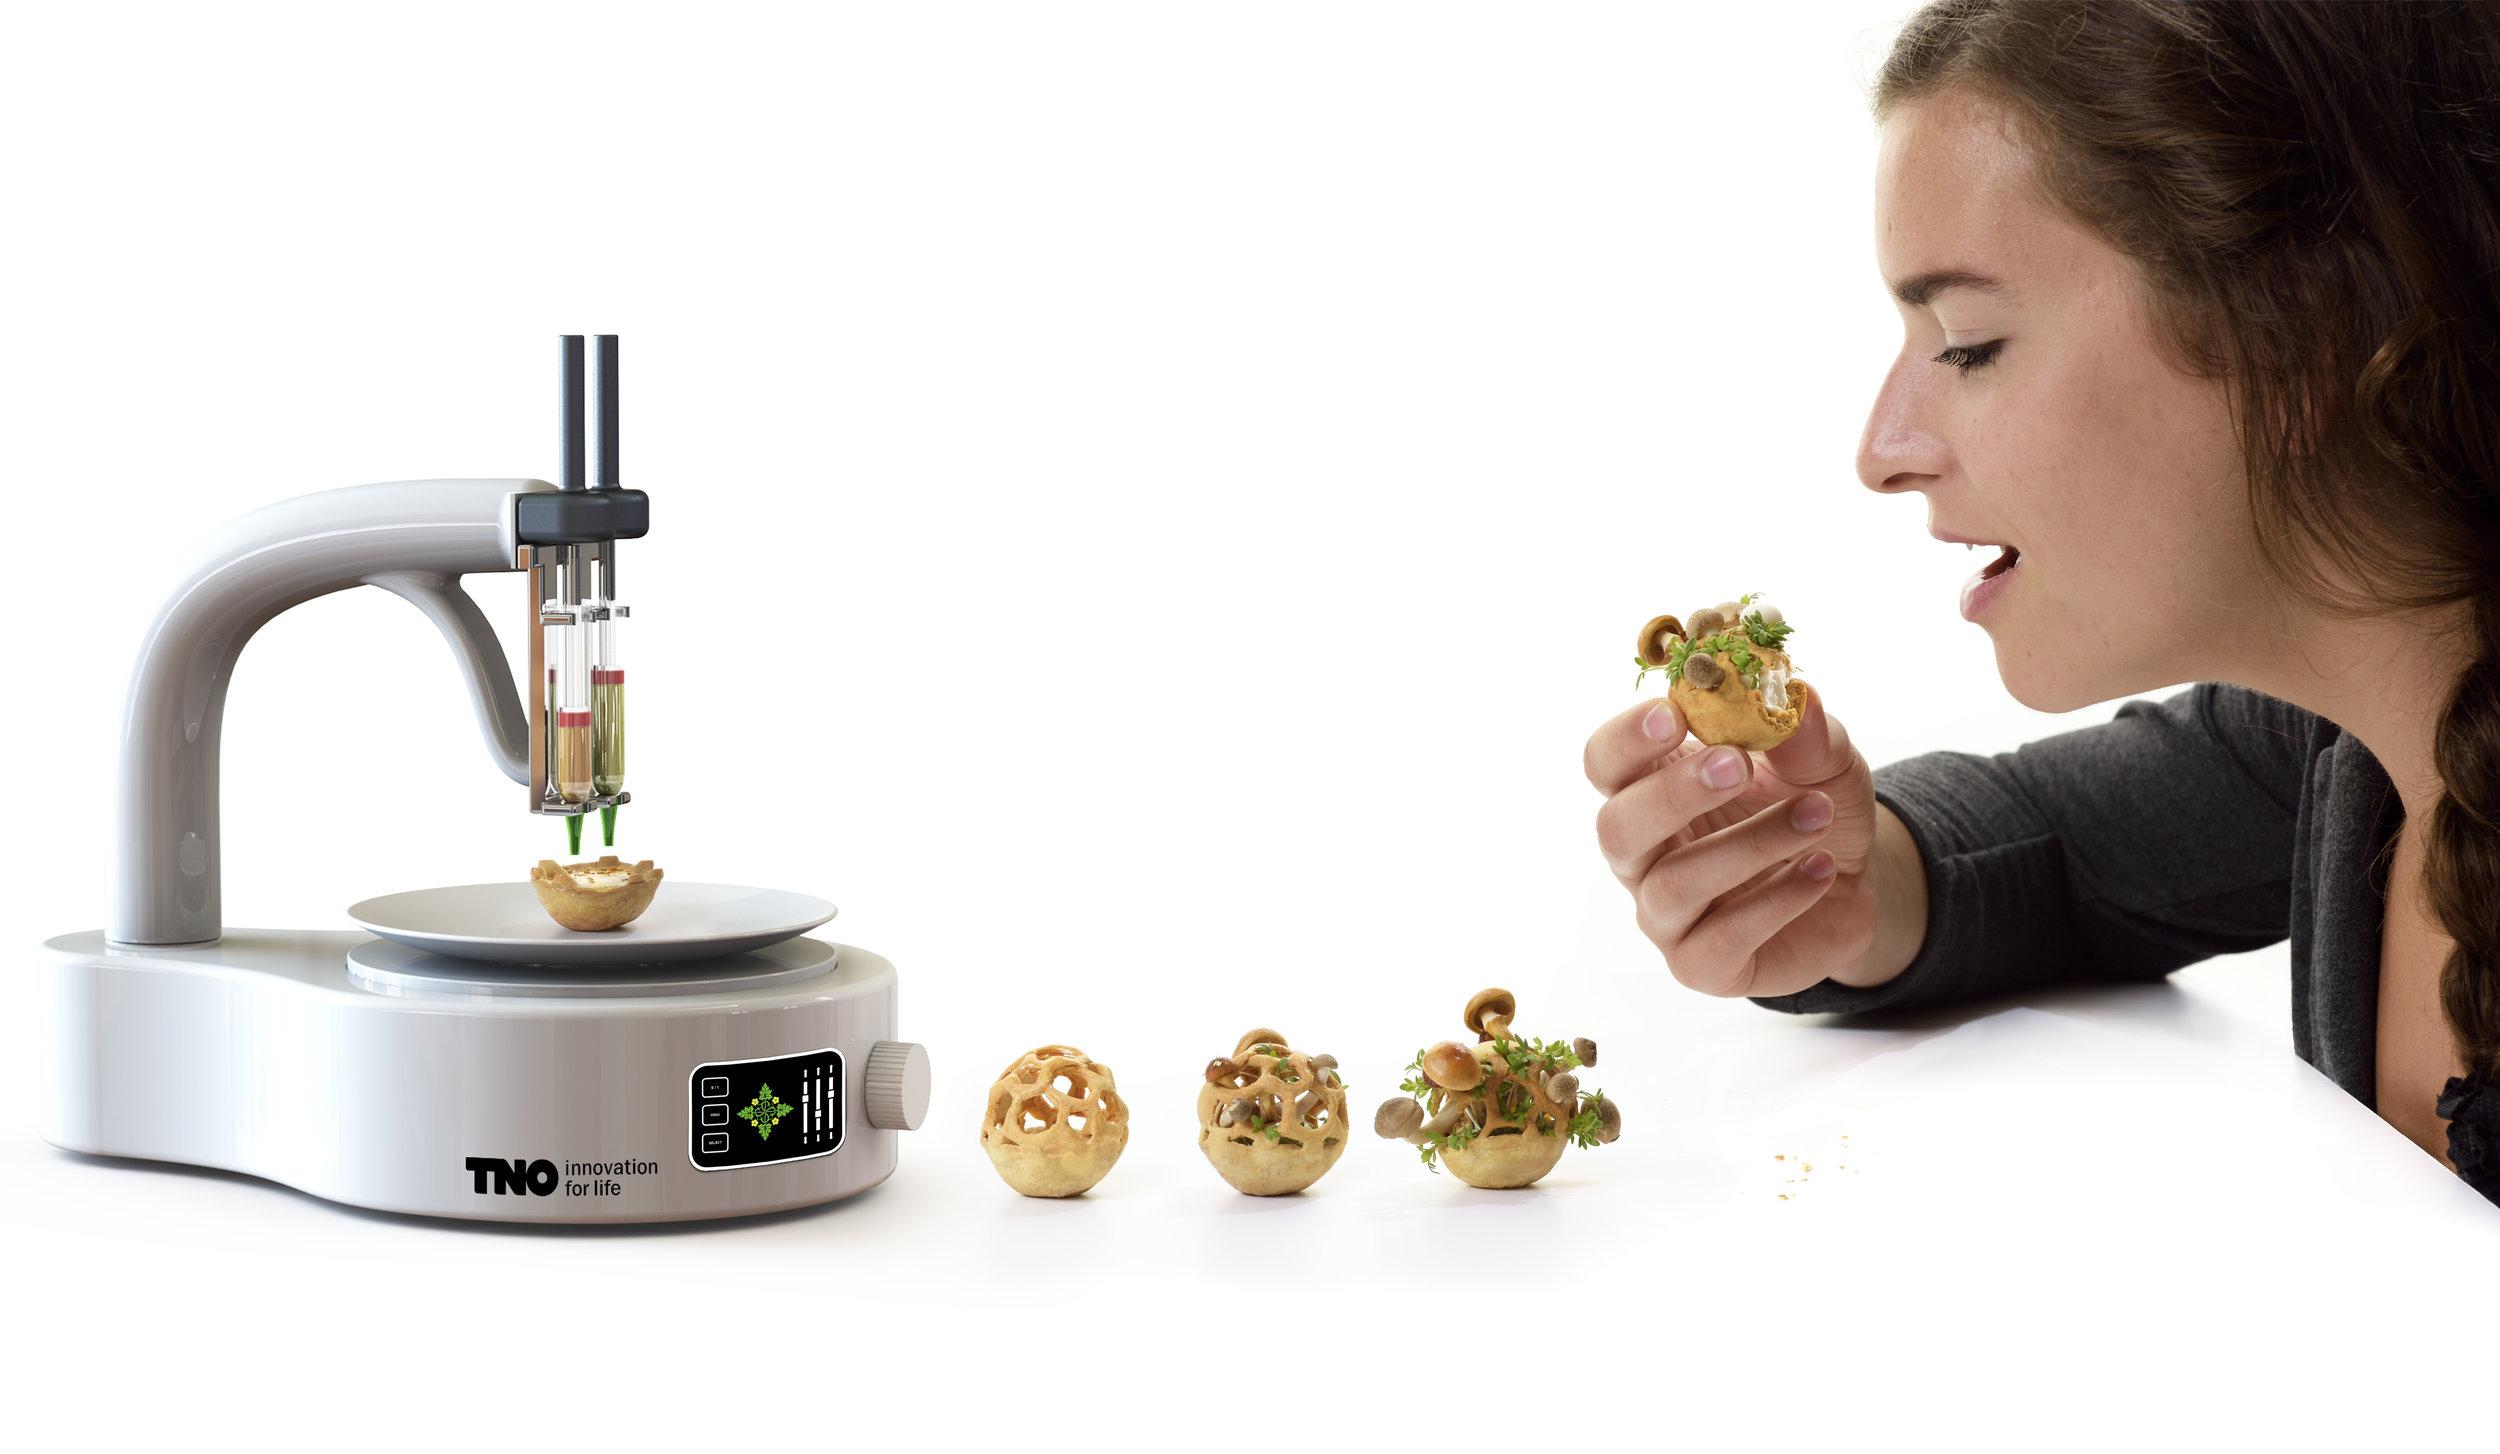 Impressora 3D de comida saudável pode ser o futuro da alimentação humana